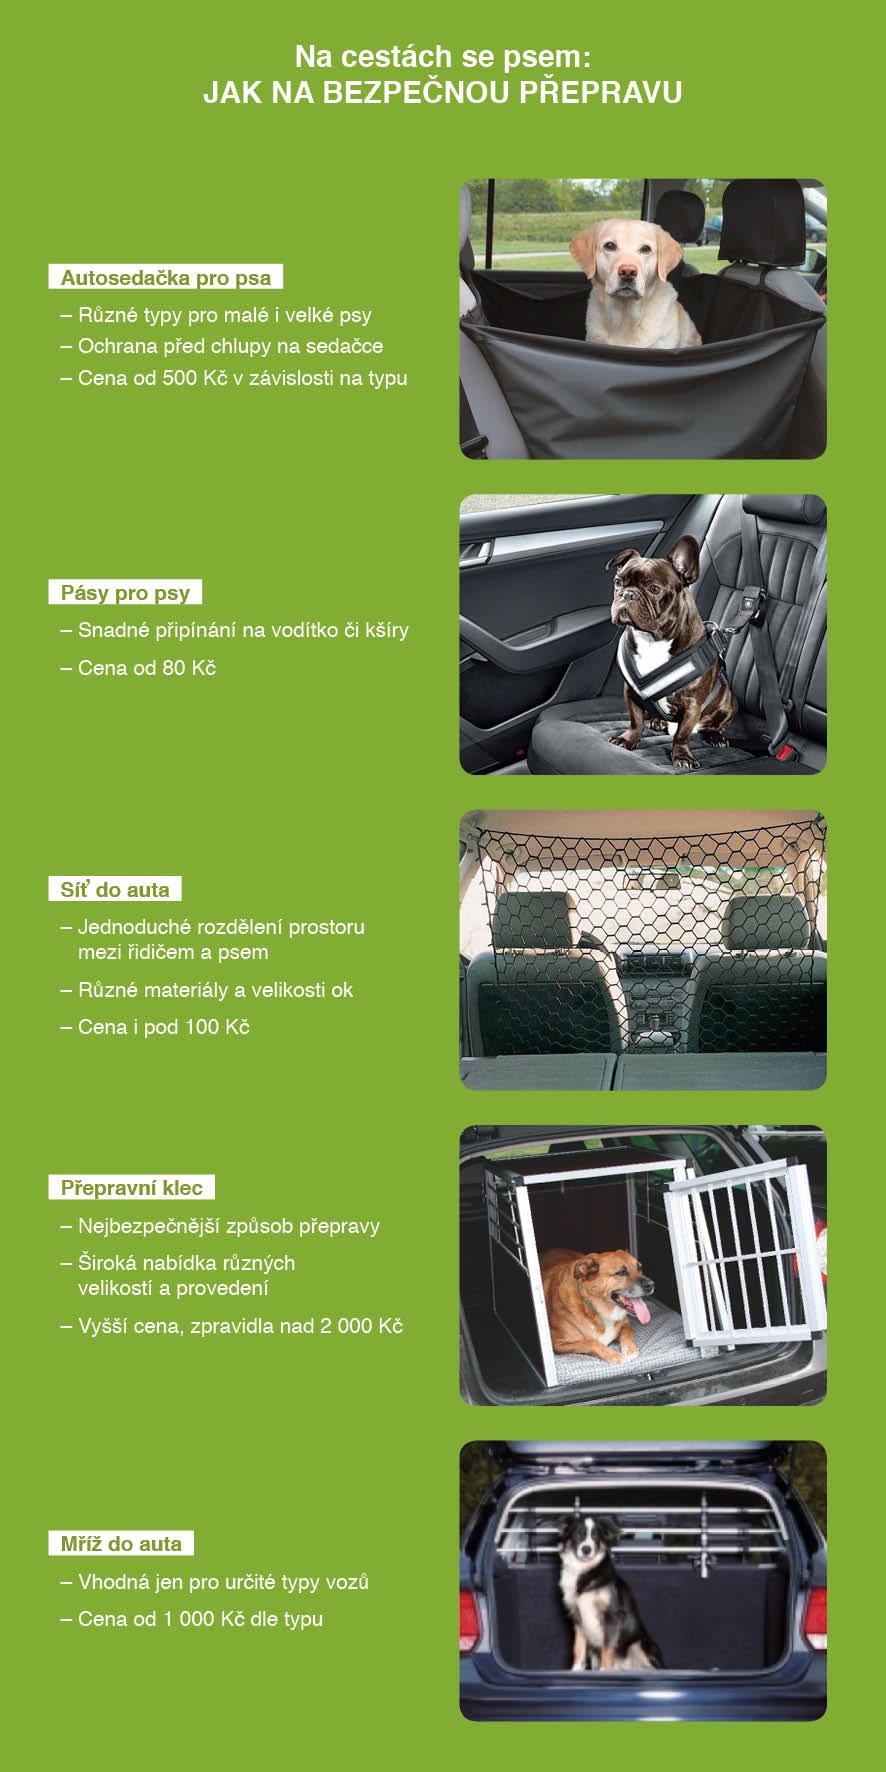 Jak bezpečně převážet psa v autě